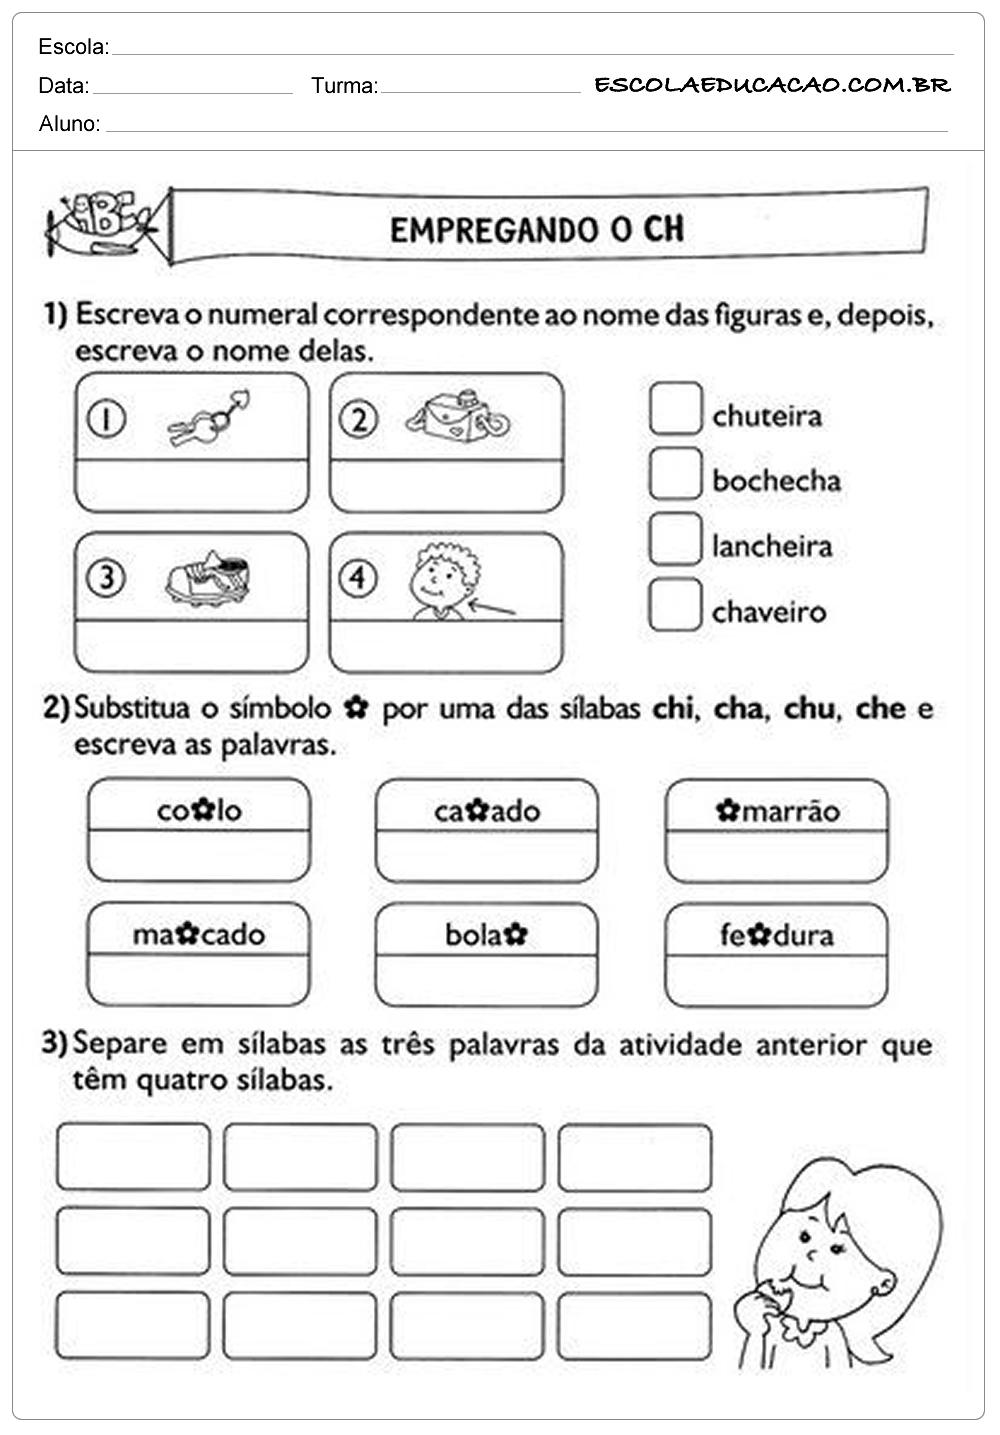 Atividades de Português 2º ano – Empregando o CH